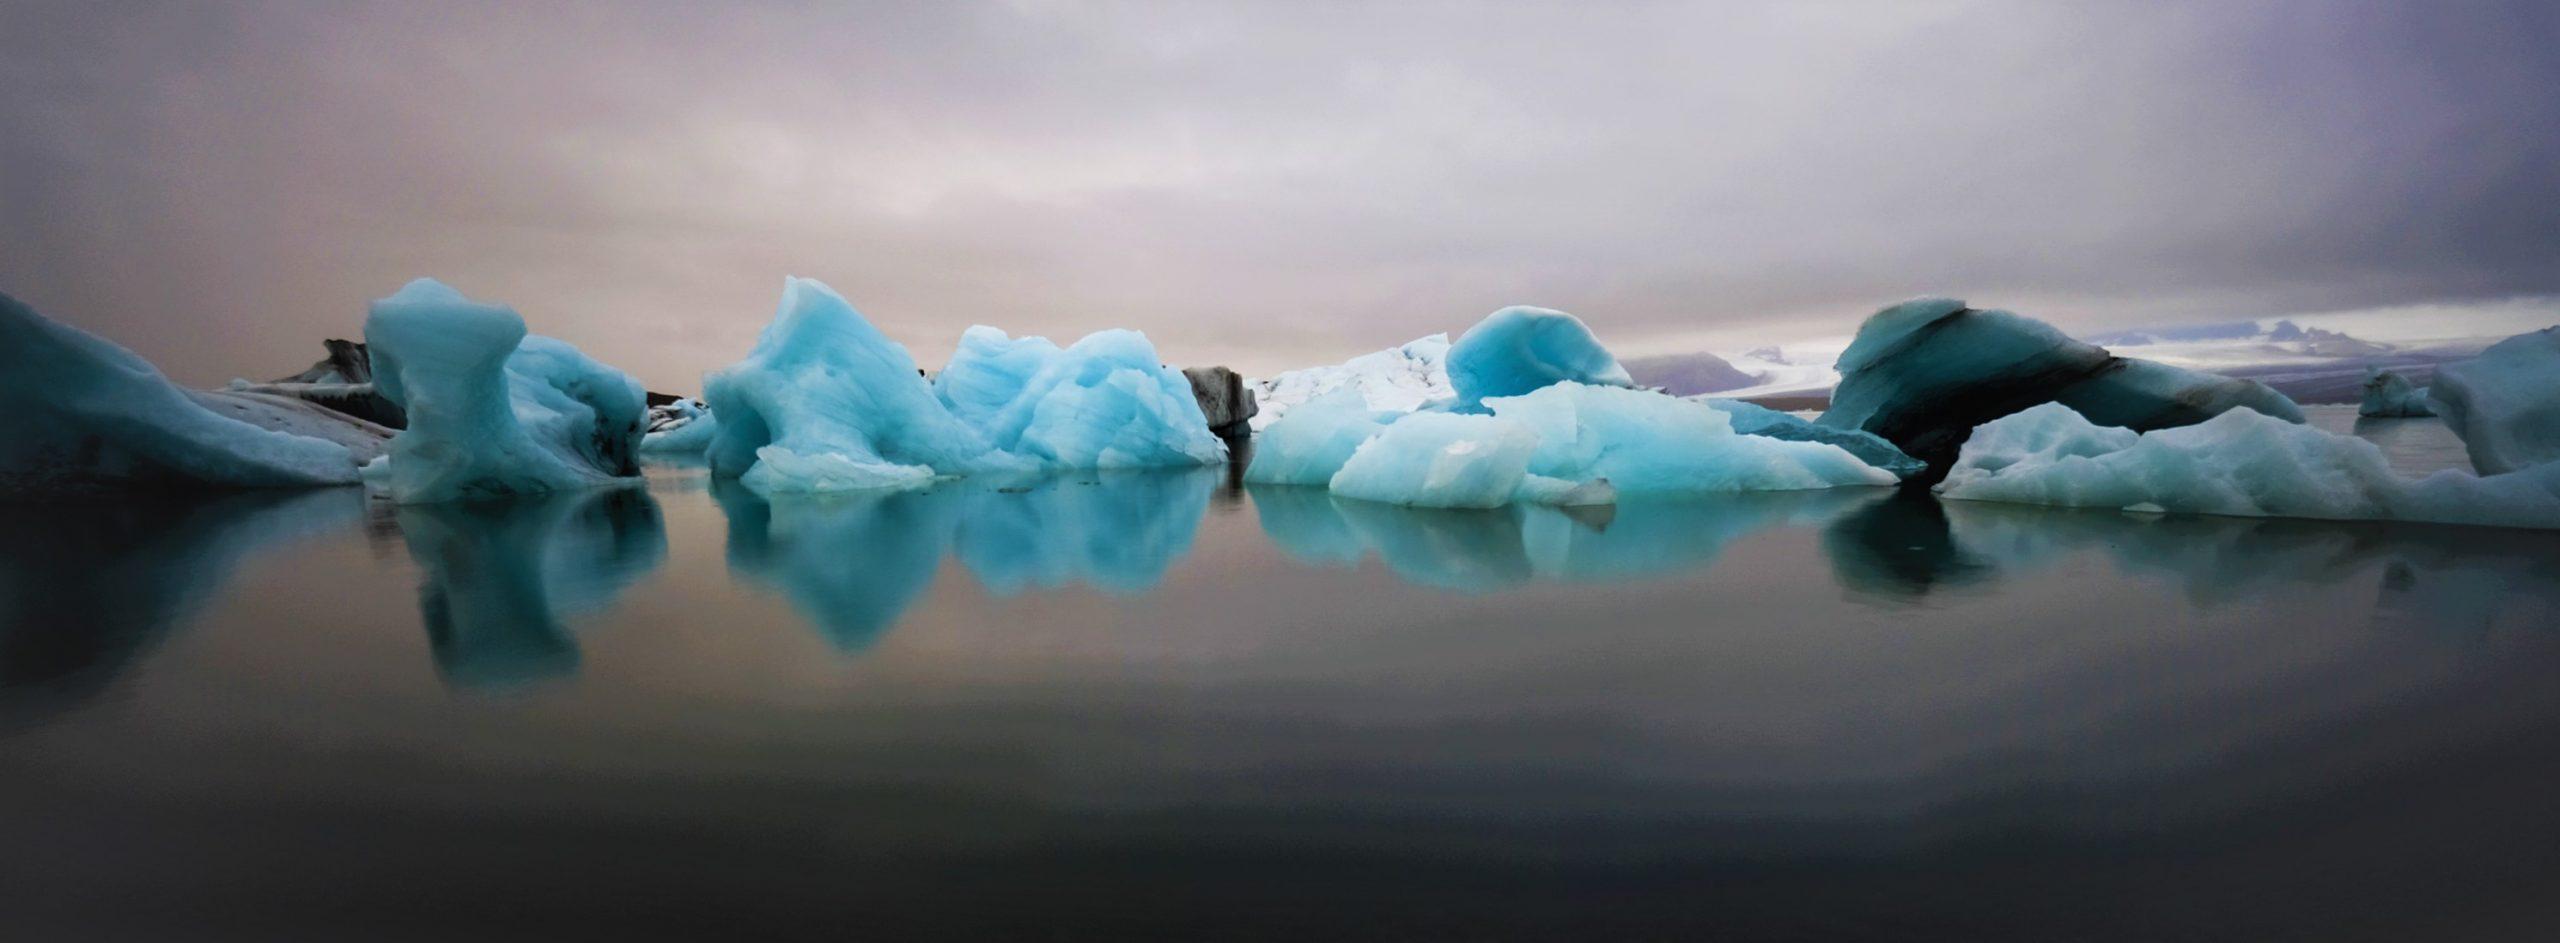 Mon voyage en Islande #2